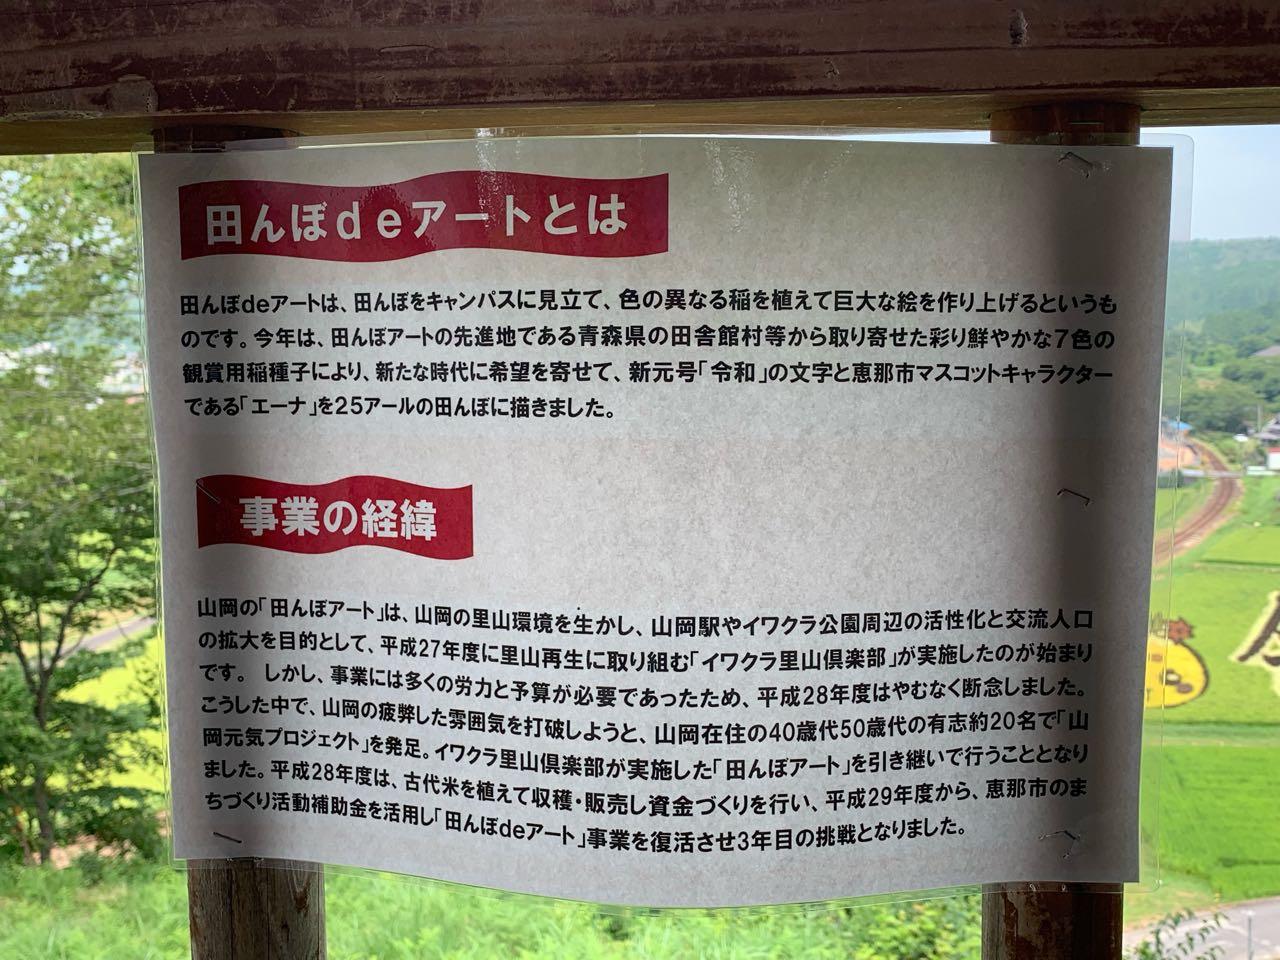 田んぼアート 山岡町 恵那市 イワクラ公園